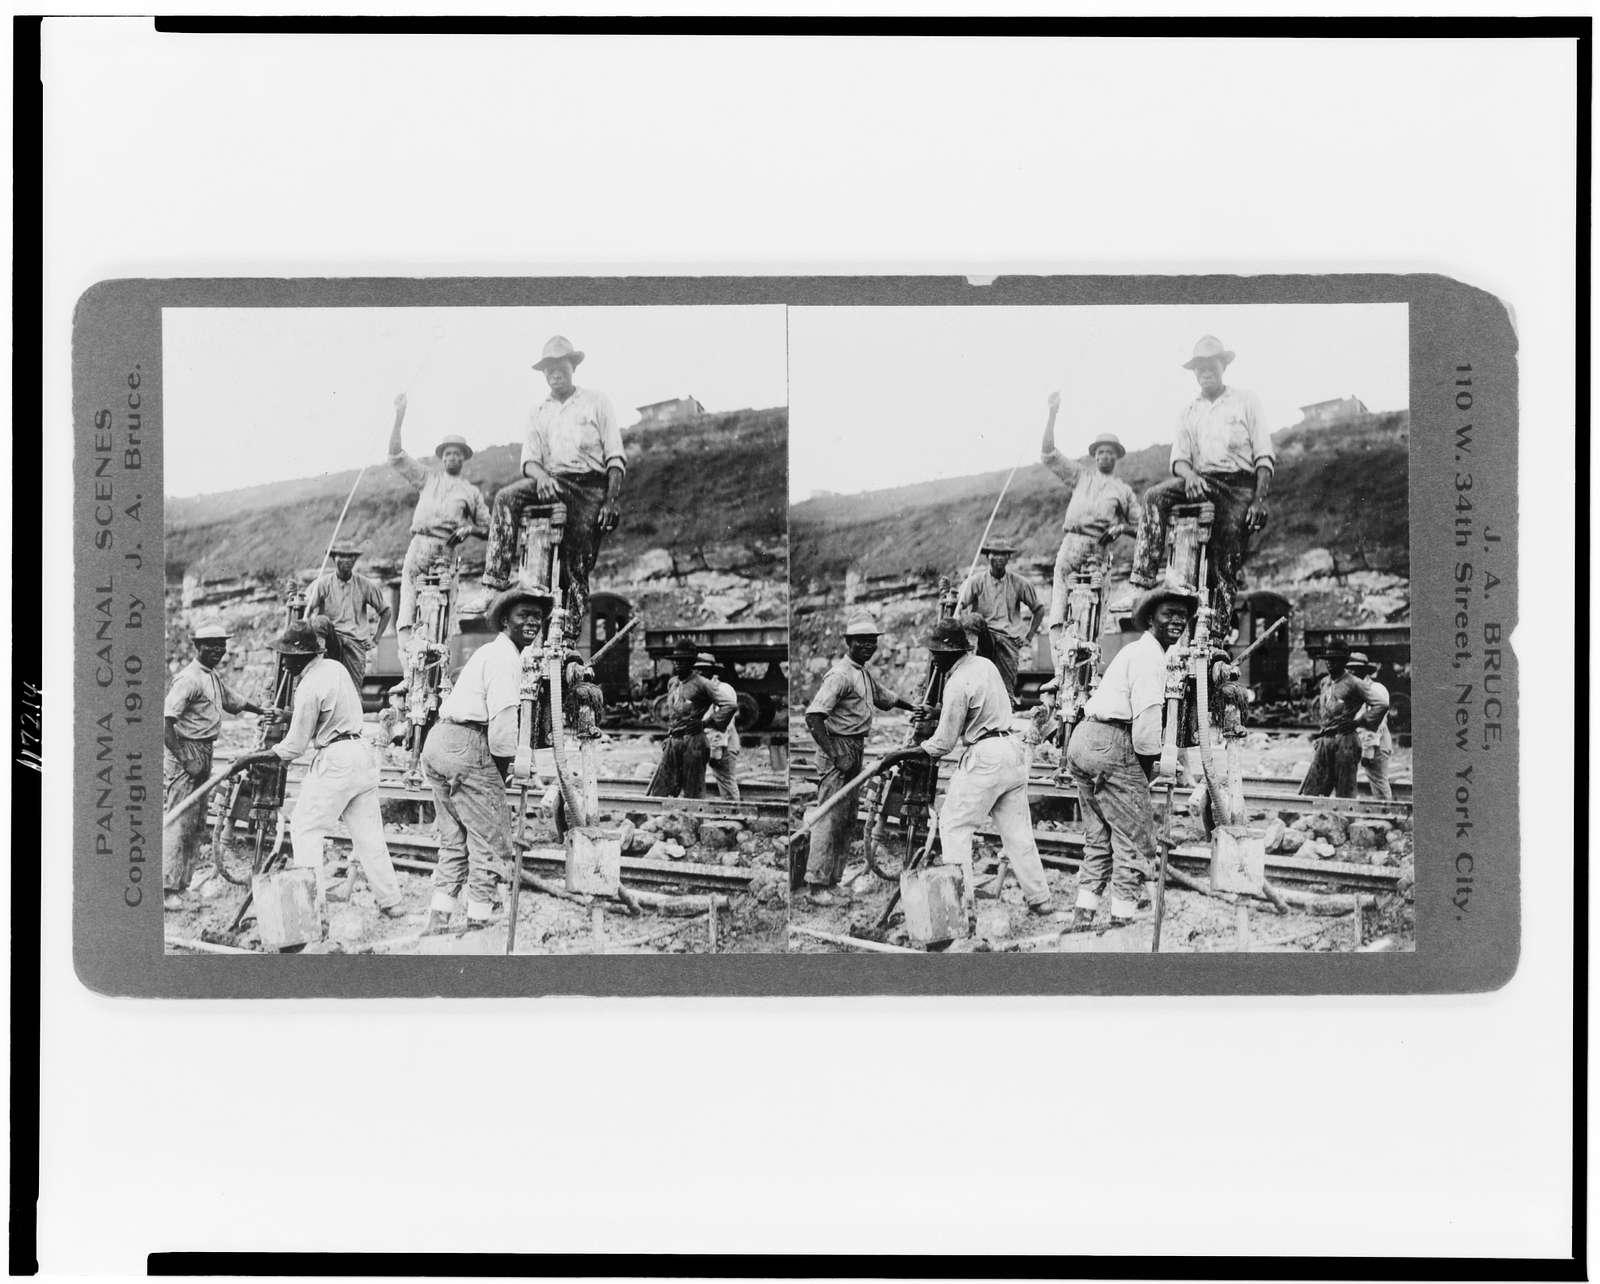 Upper Miraflores locks--Tripod drills at work, April 1910